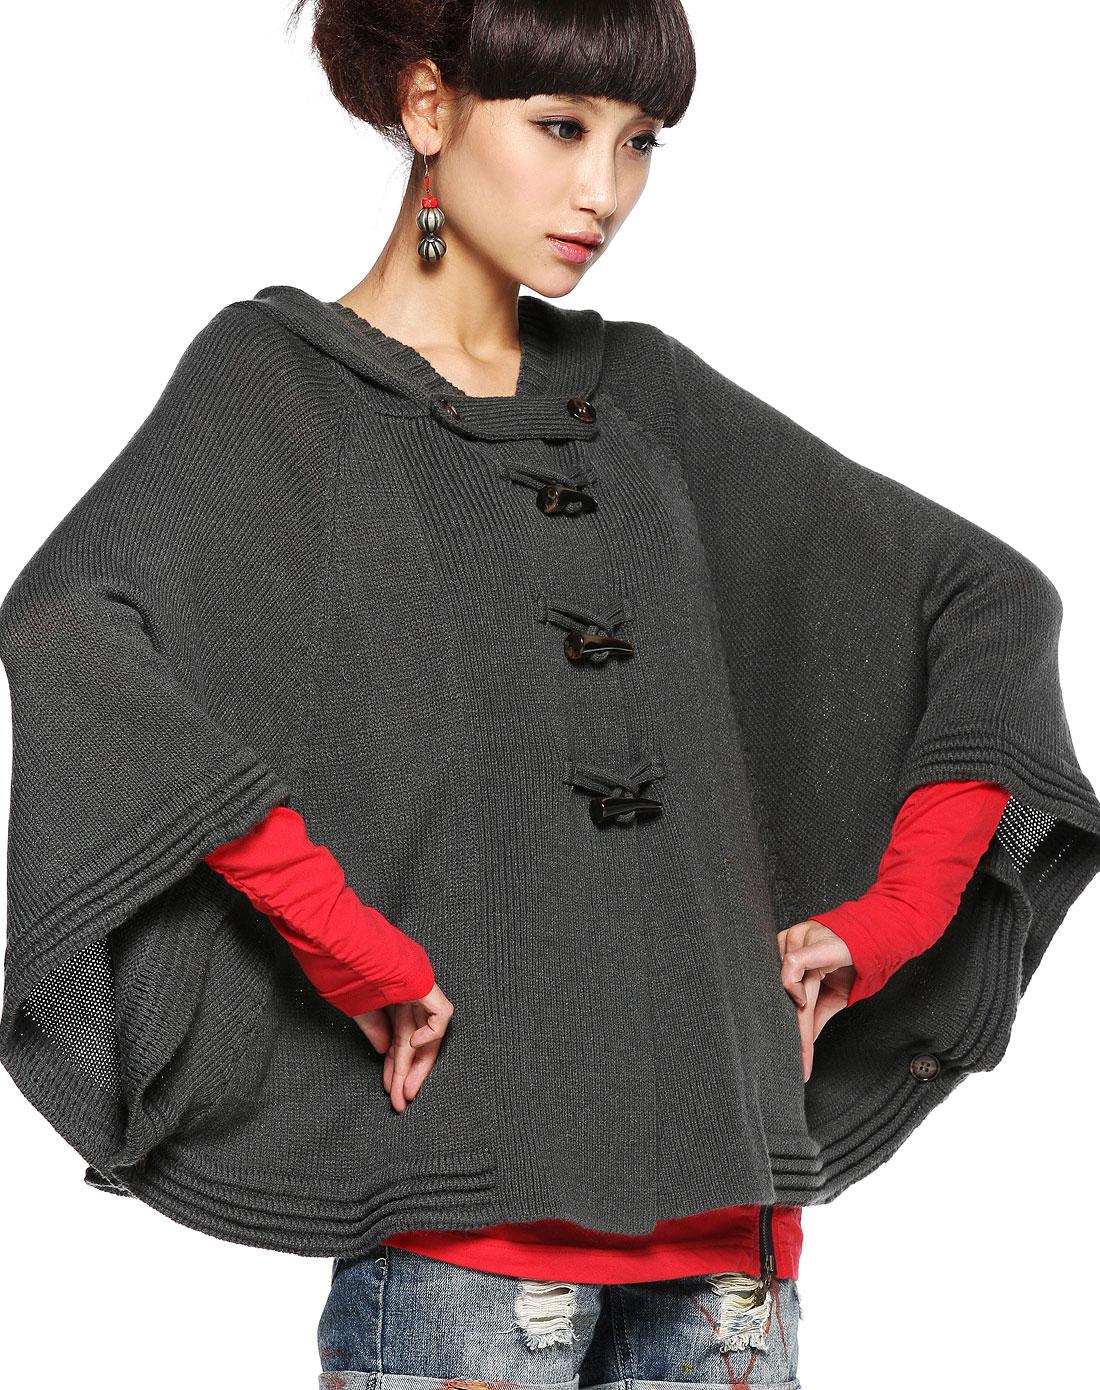 裂帛裂帛原创连帽蝙蝠袖斗篷式针织衫明珰21160009